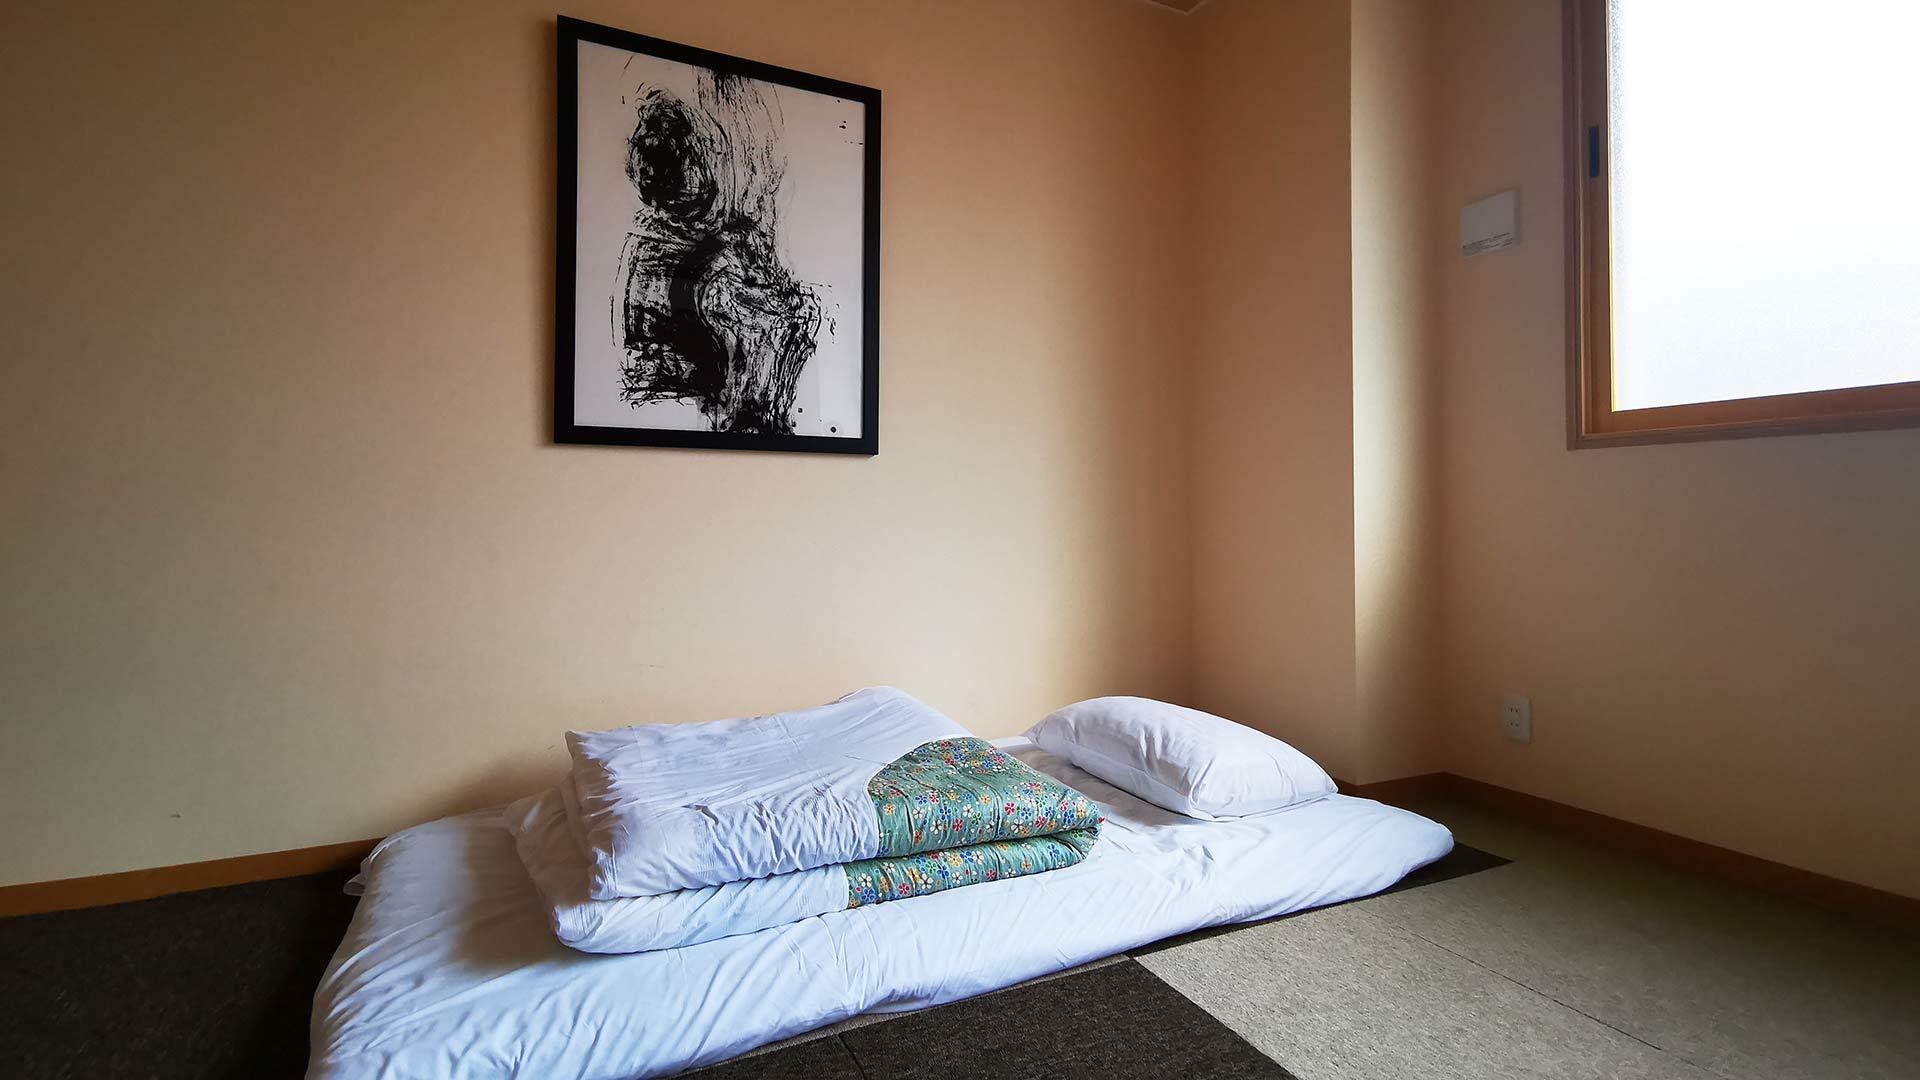 Full Size of Seibido Inn Kyoto Review Reiseblog Fr Sdostasien Home Is Kopfteile Für Betten Bett 120 Cm Breit Japanisches Tempur Landhausstil Einzelbett Mit Bettkasten De Bett Japanisches Bett